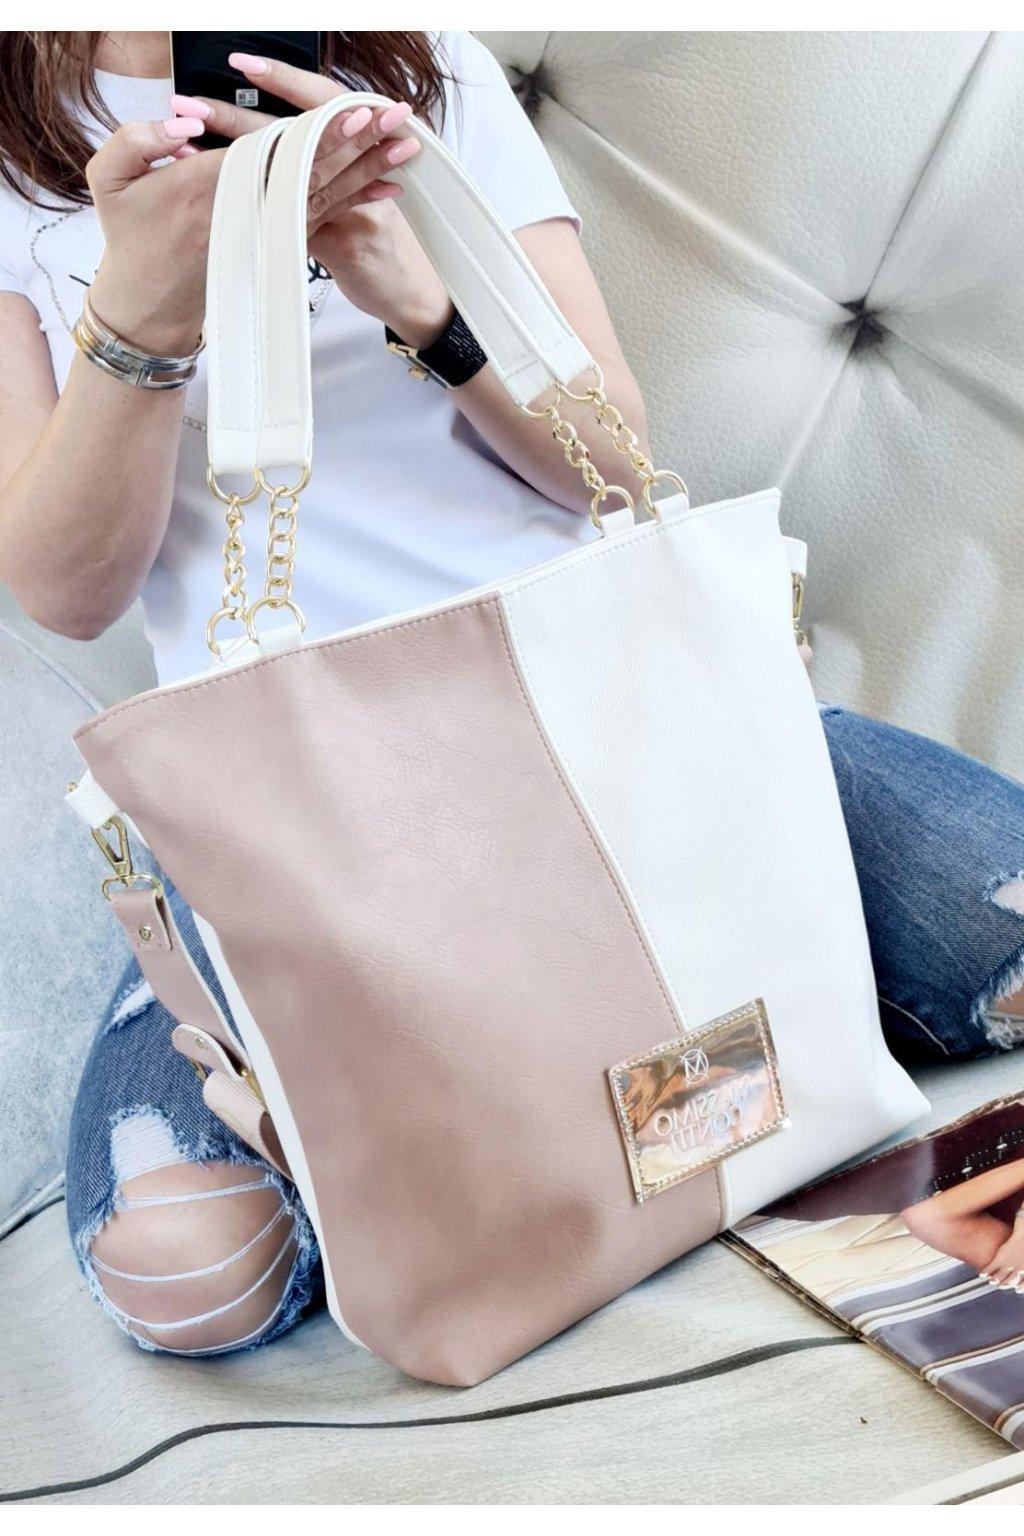 Massimo Contti luxusní značkové kabelky trendy fashion bílorůžová